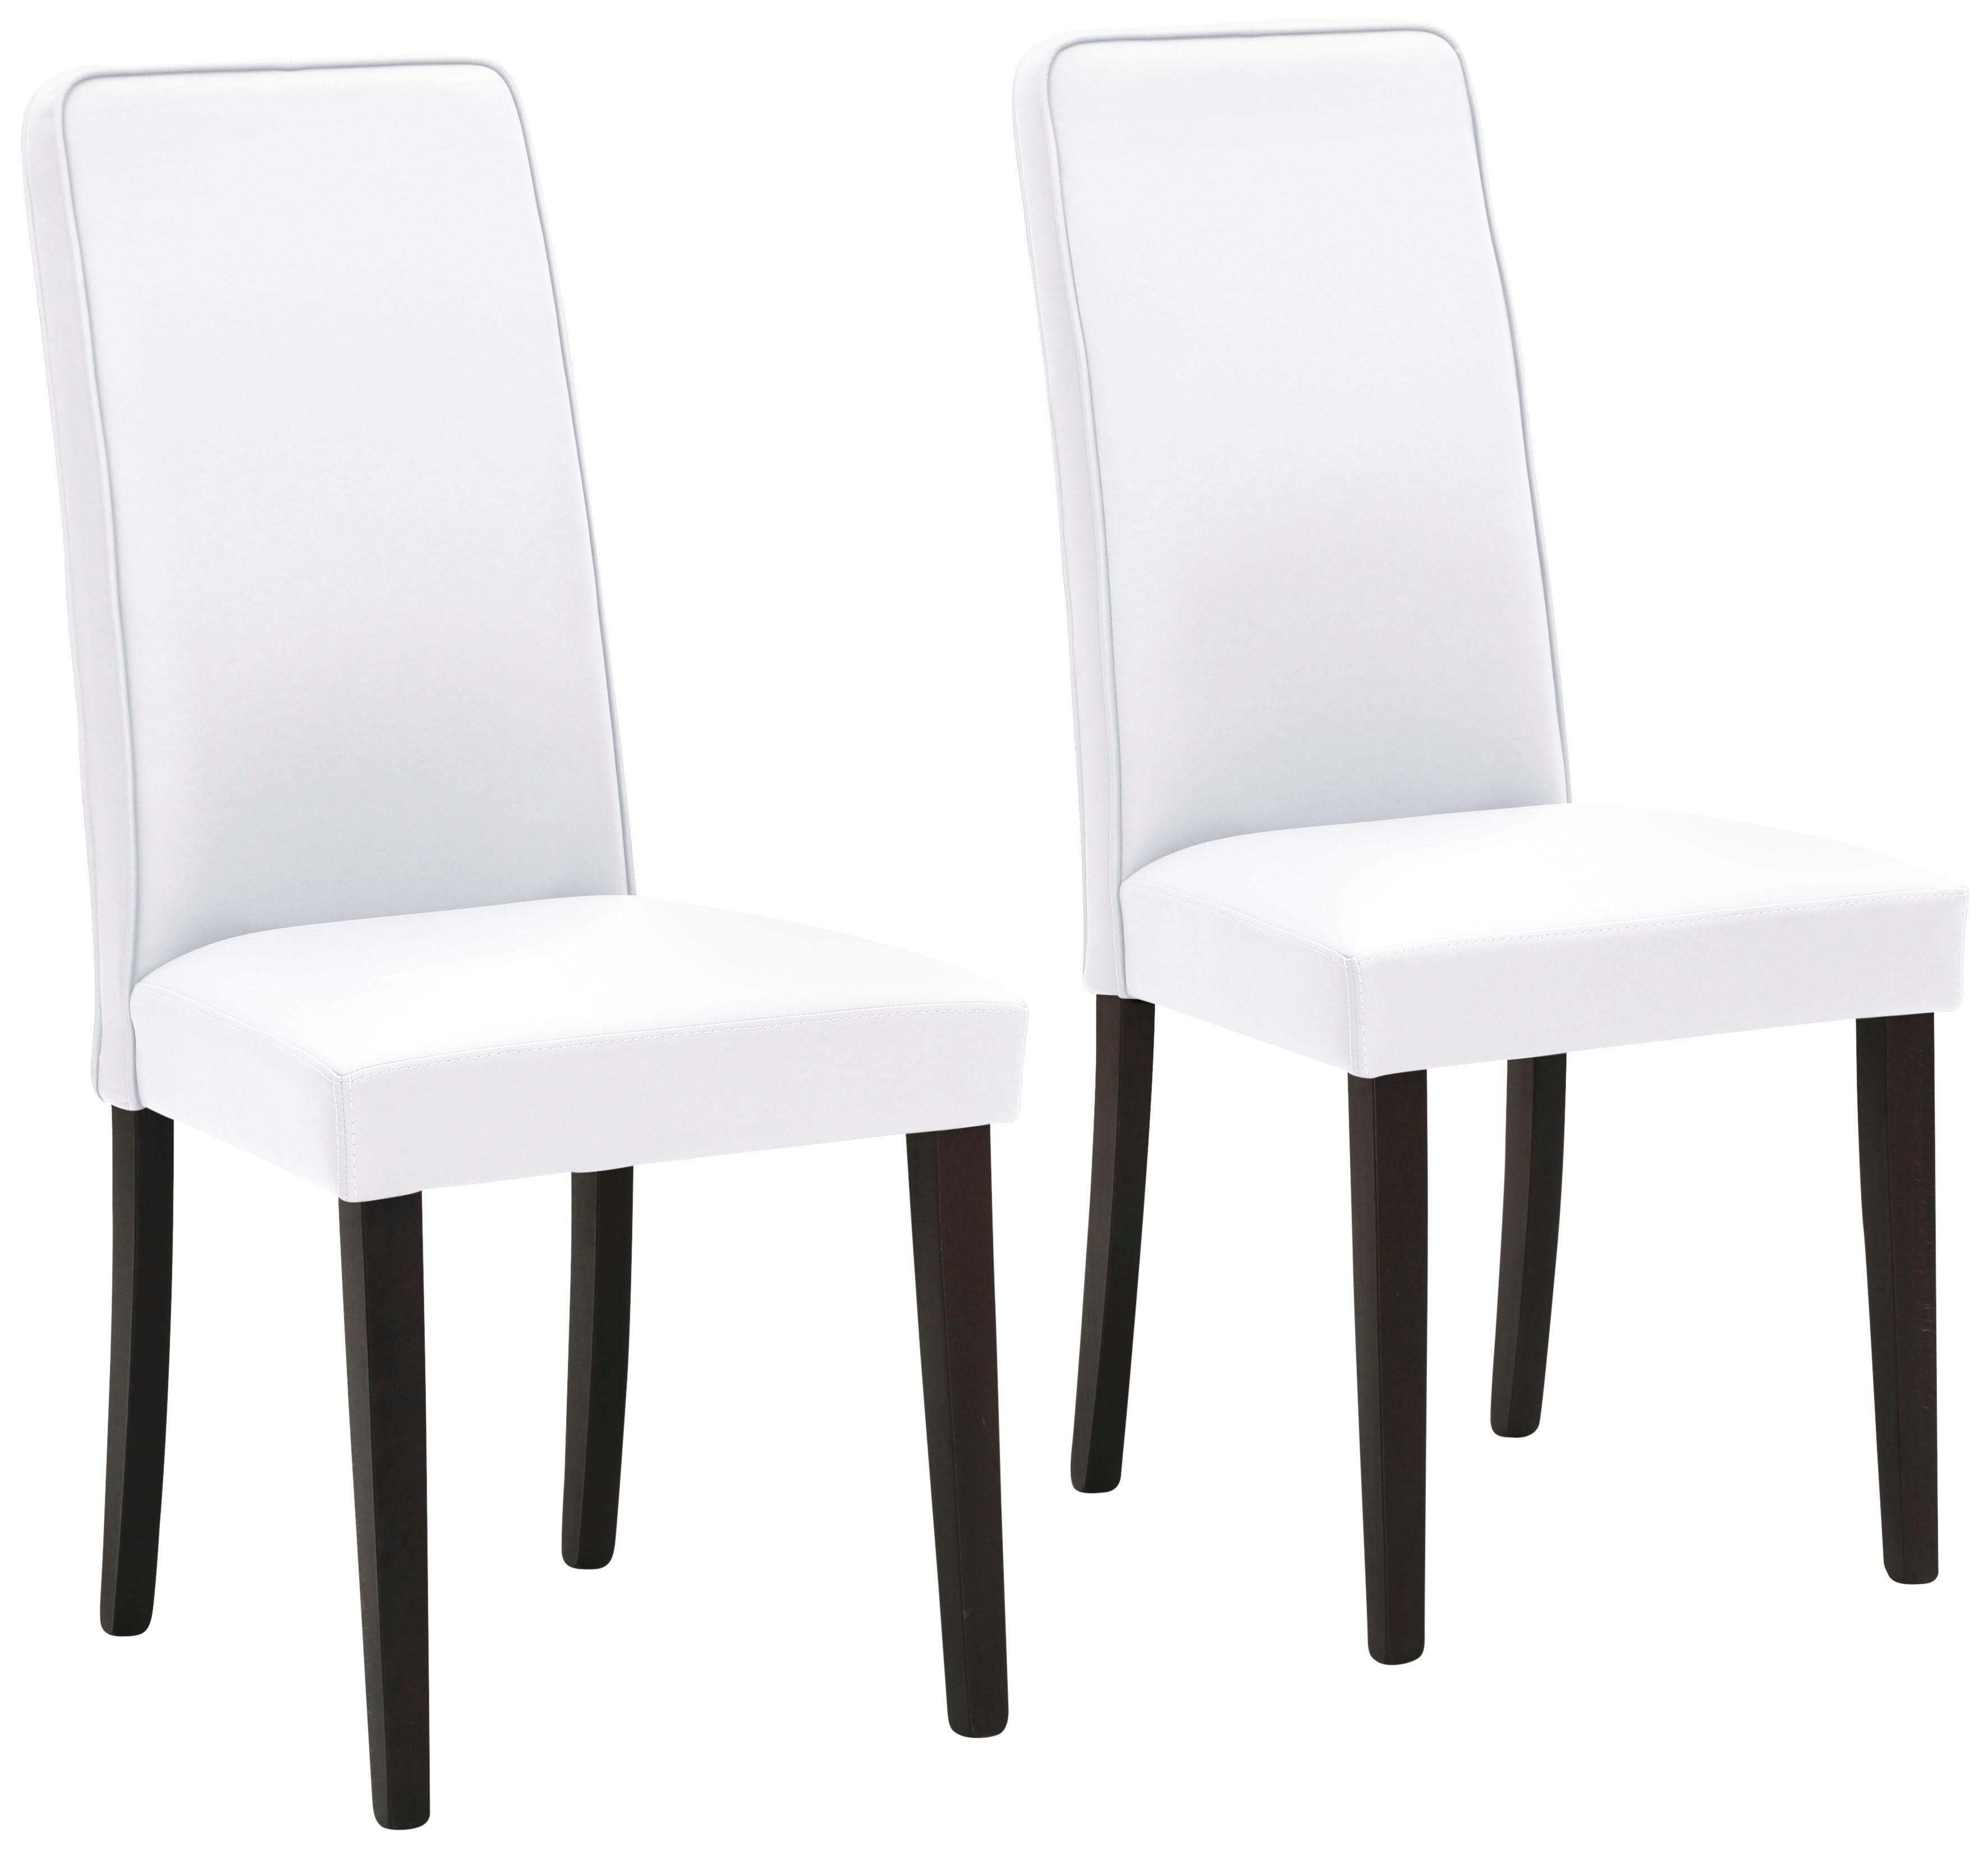 Home Affaire stoel »Katja« bekleed met imitatieleer (set van 2) veilig op otto.nl kopen